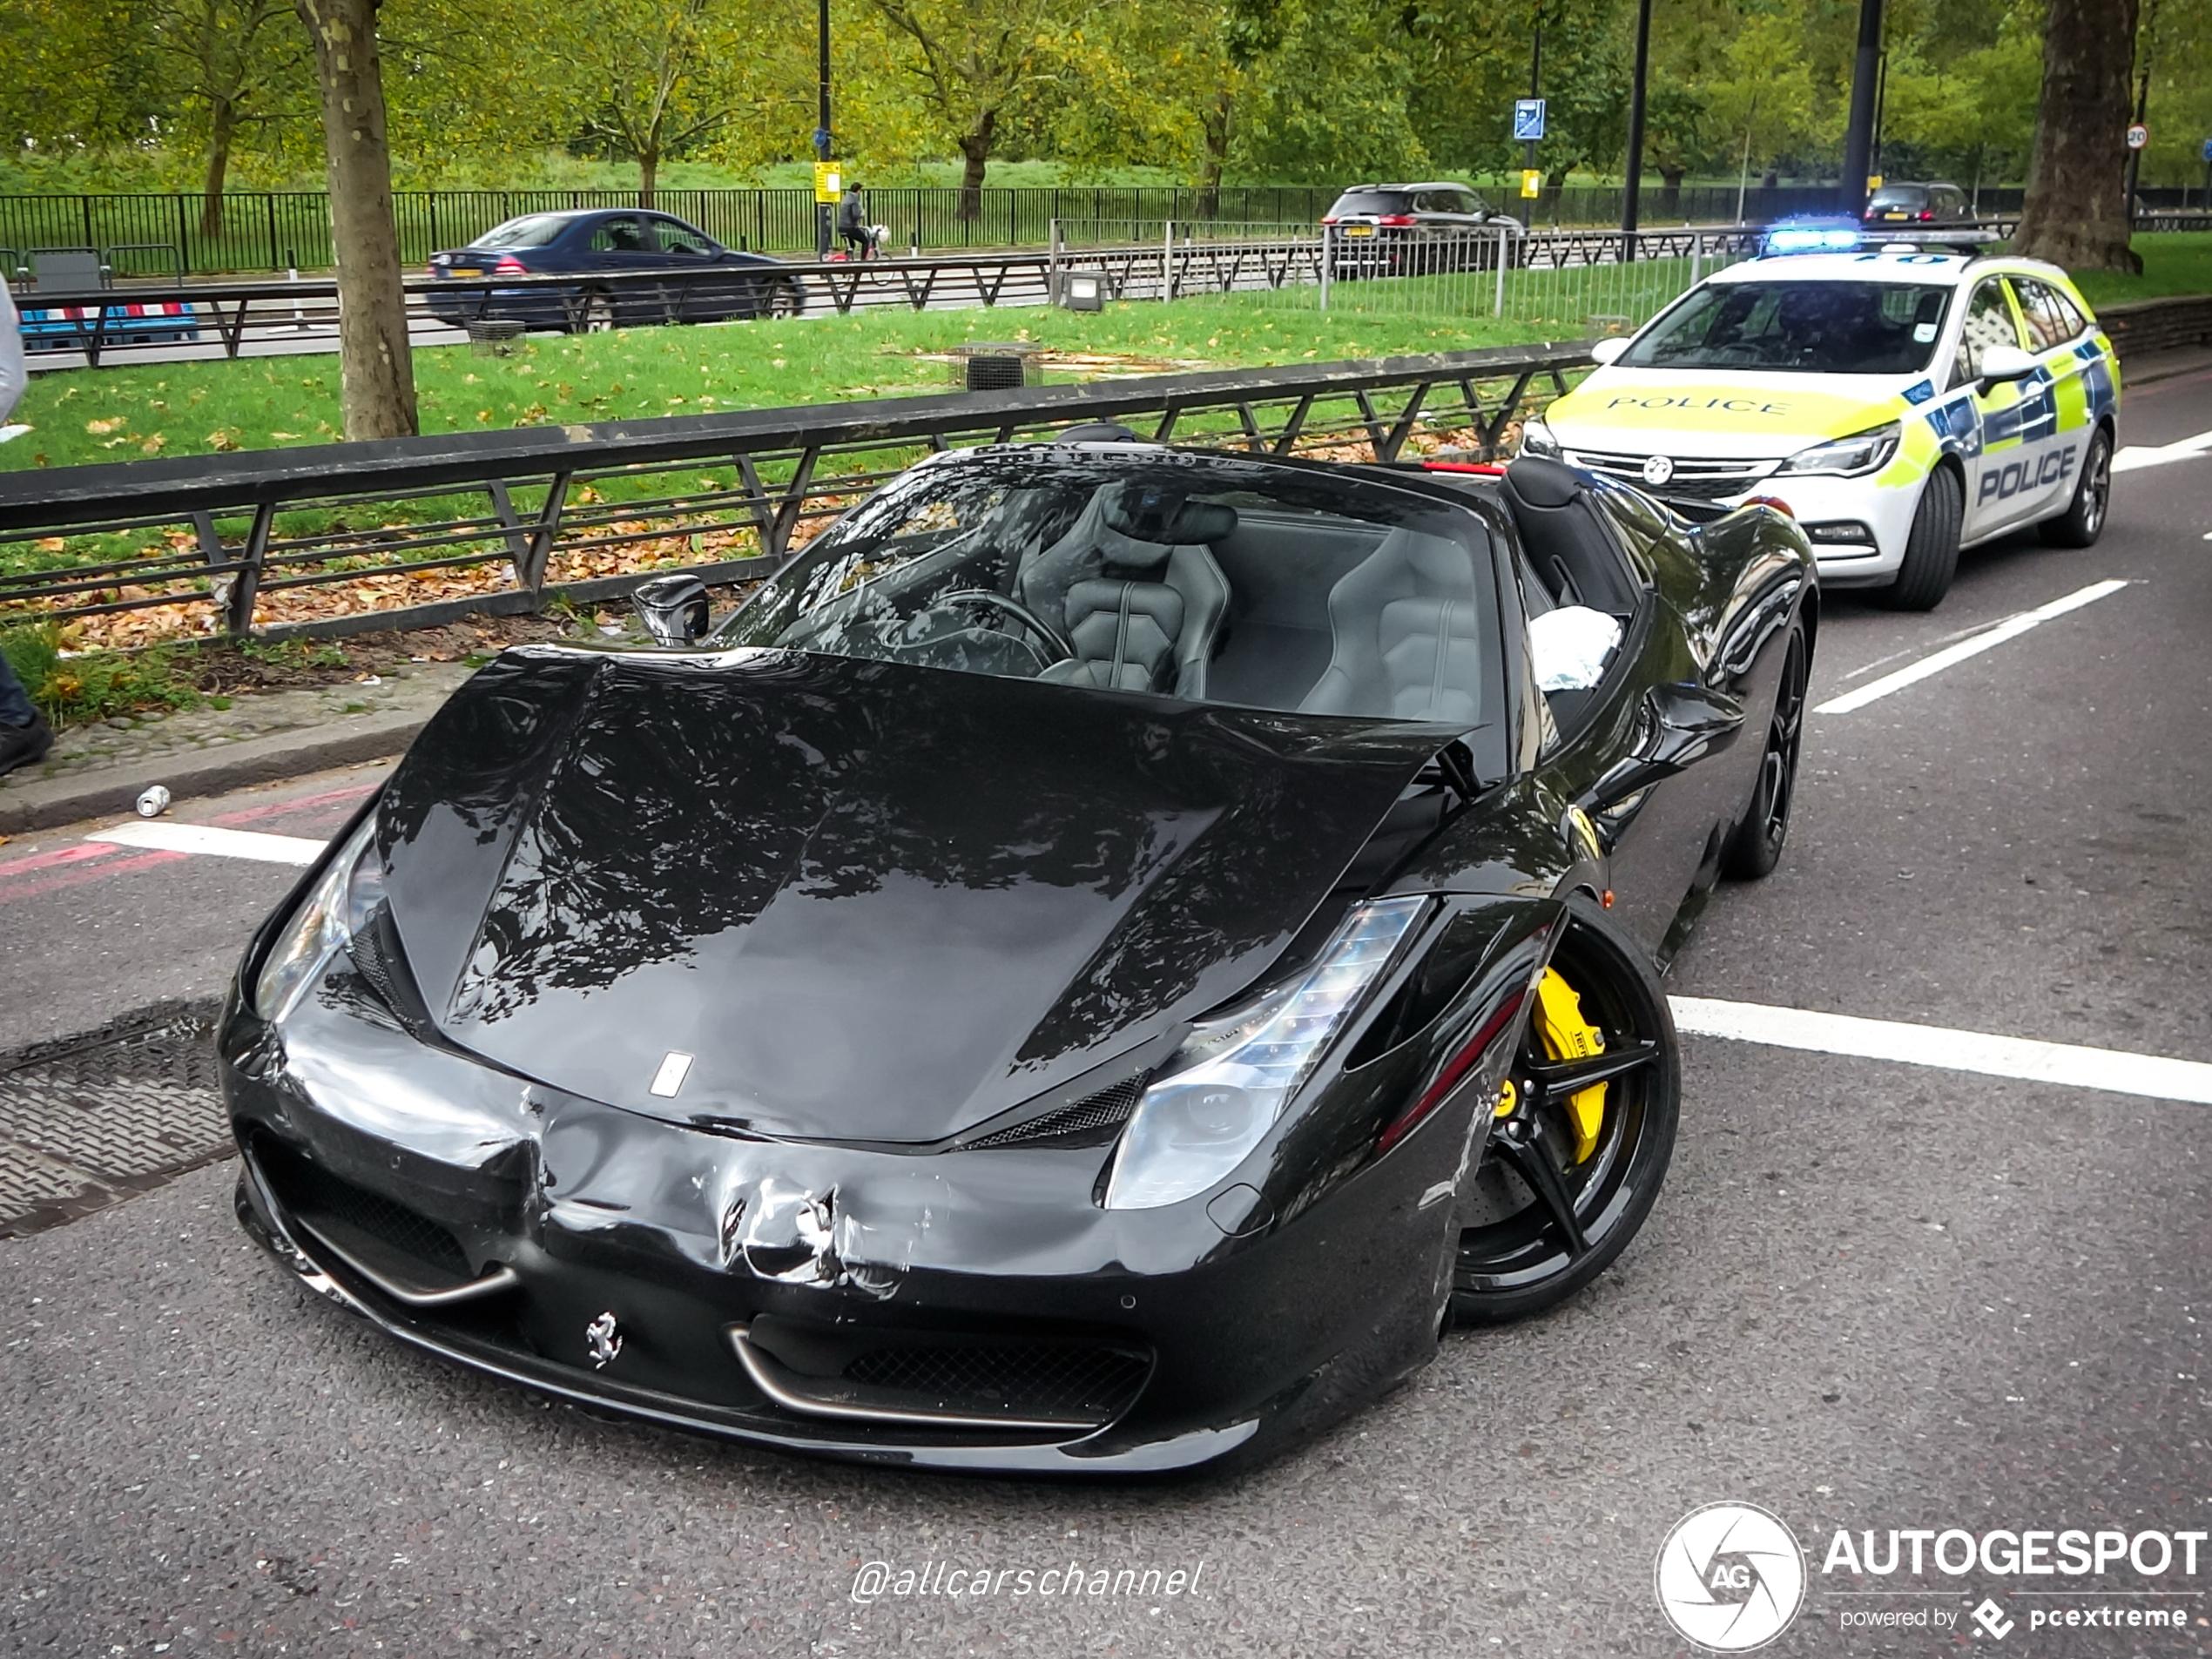 De wielen van deze Ferrari staan niet helemaal netjes meer